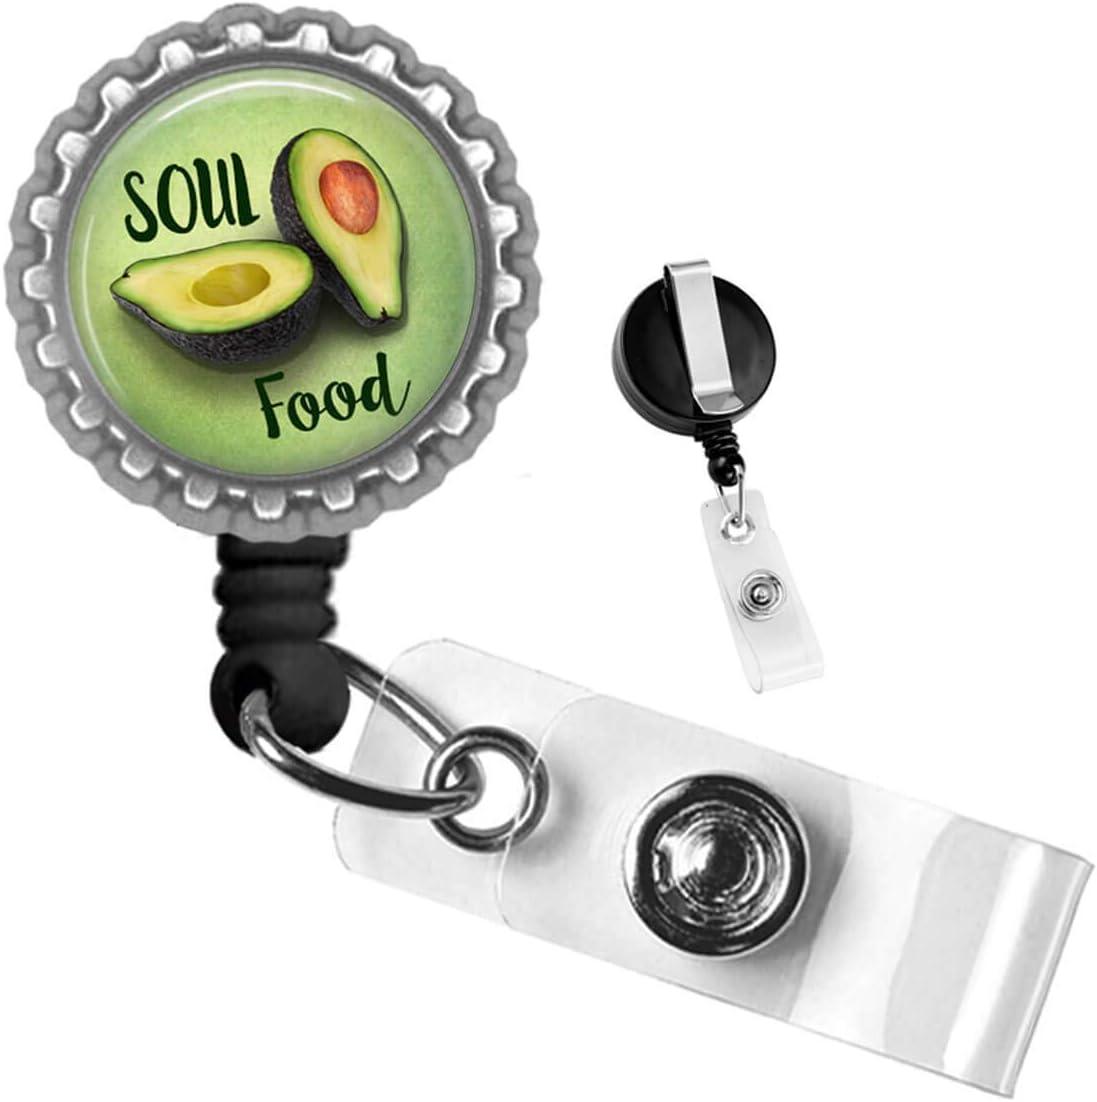 Soul Food Avocado Silver Badge Reel Retractable ID Tag by Geek Badges